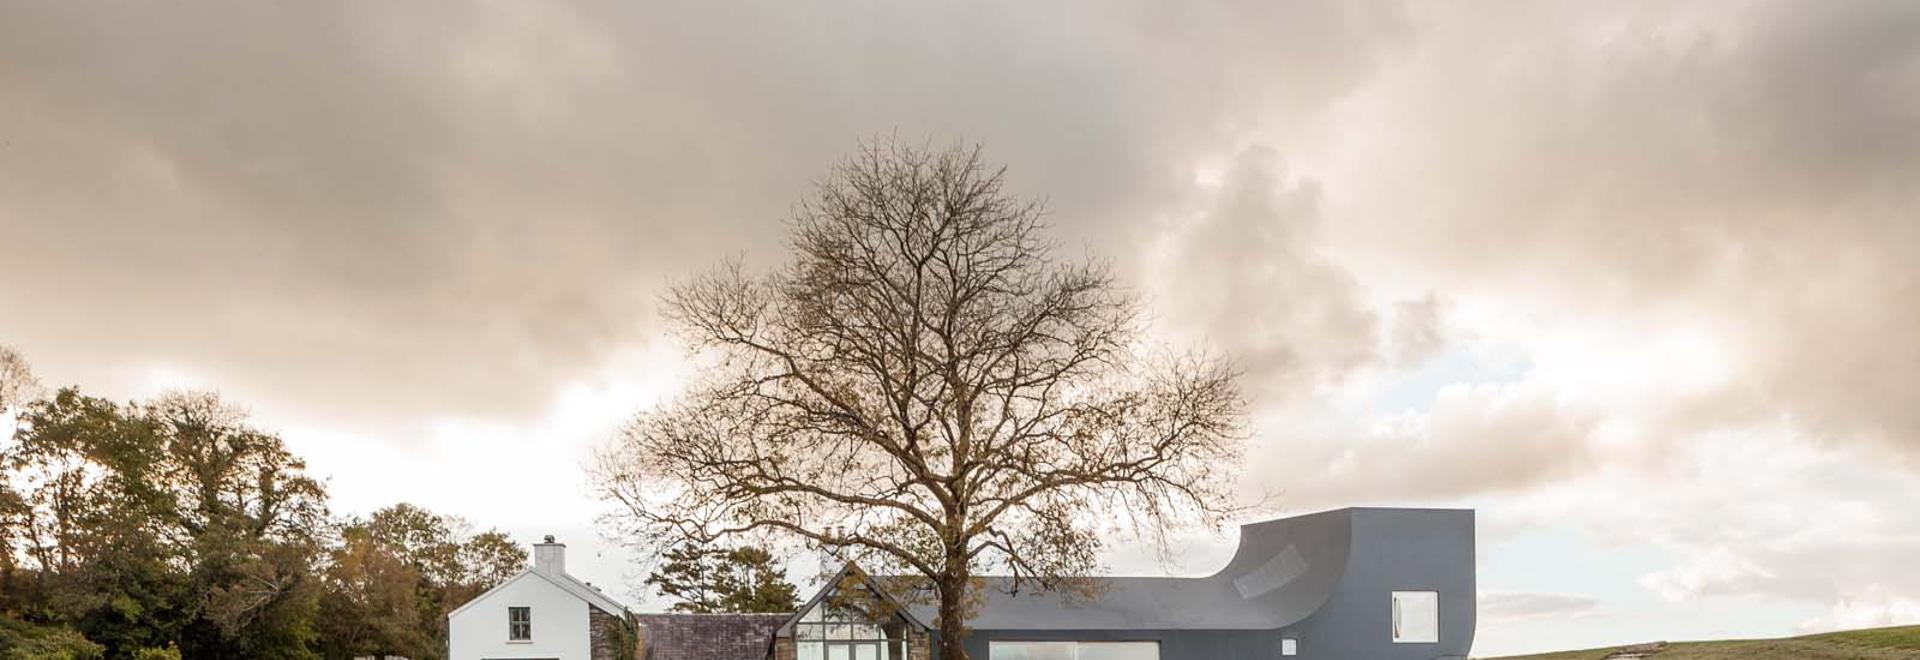 House in Inchigeelagh, County Cork, Markus Schietsch Architekten, 2011-2014. (All images courtesy Markus Schietsch Arkitekten)